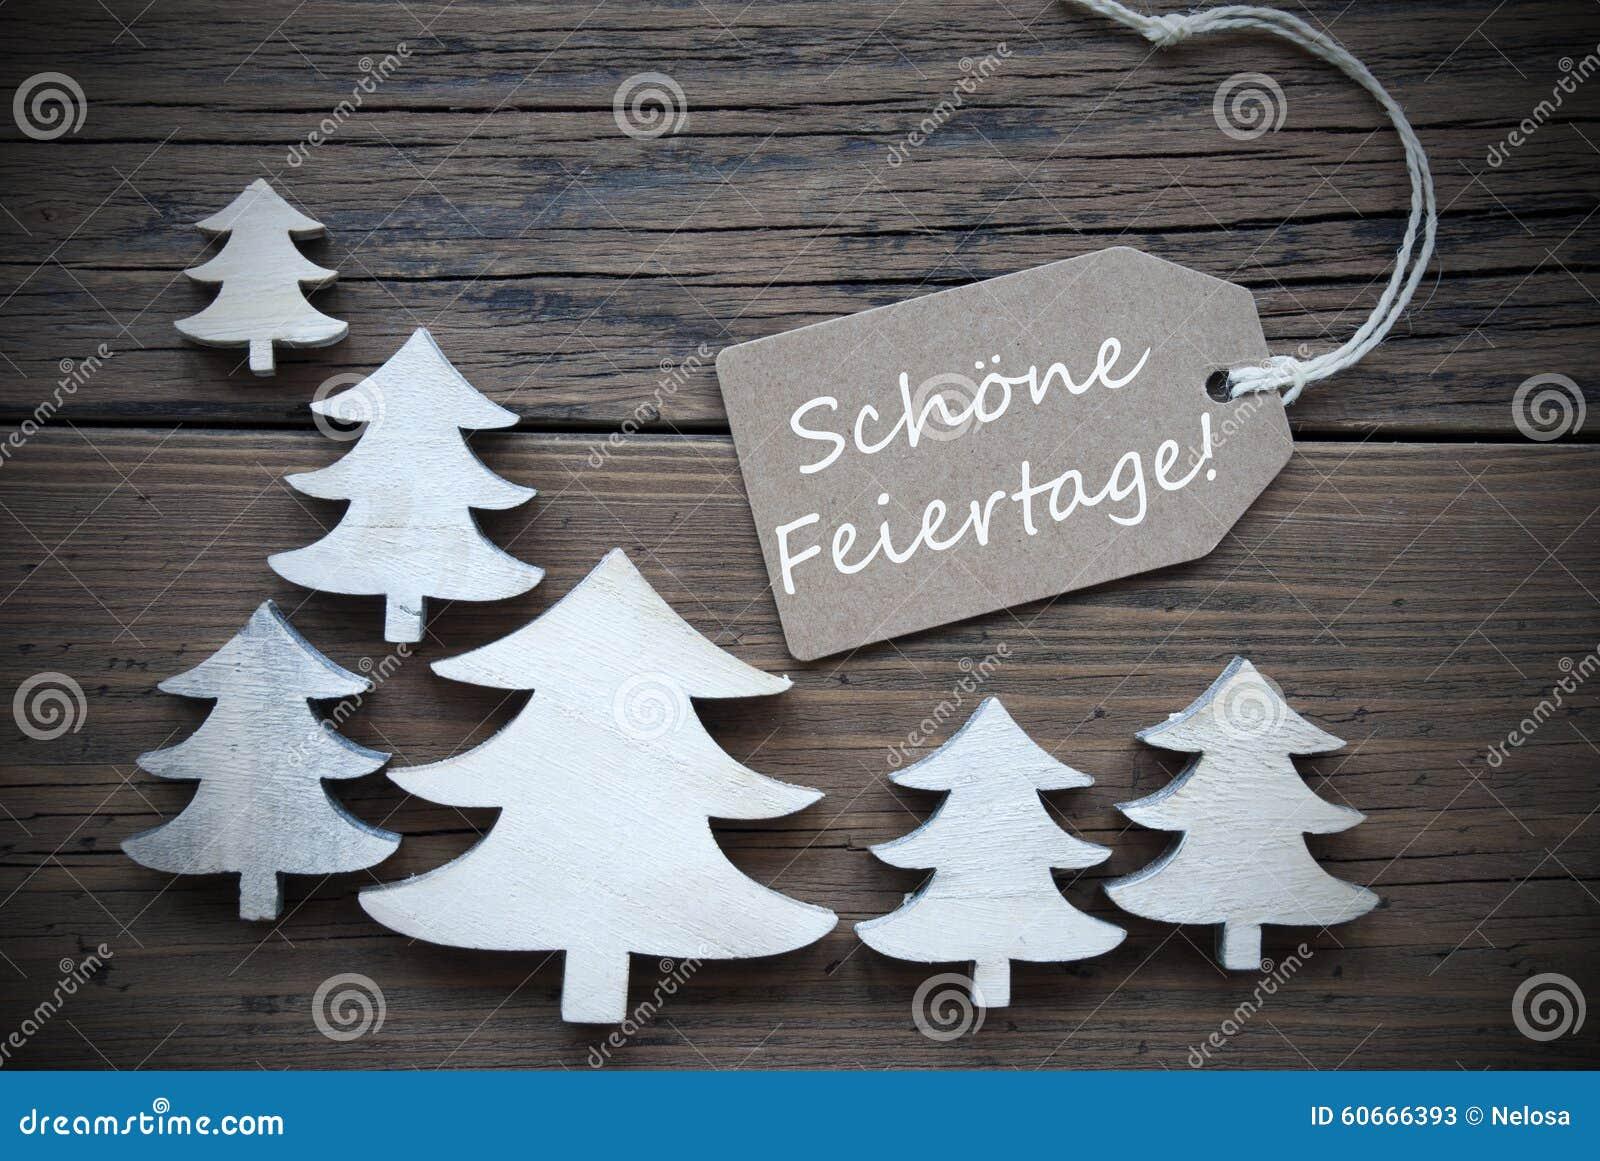 Vintage Bilder Weihnachten.Label Trees Schoene Feiertage Mean Merry Christmas Stock Image